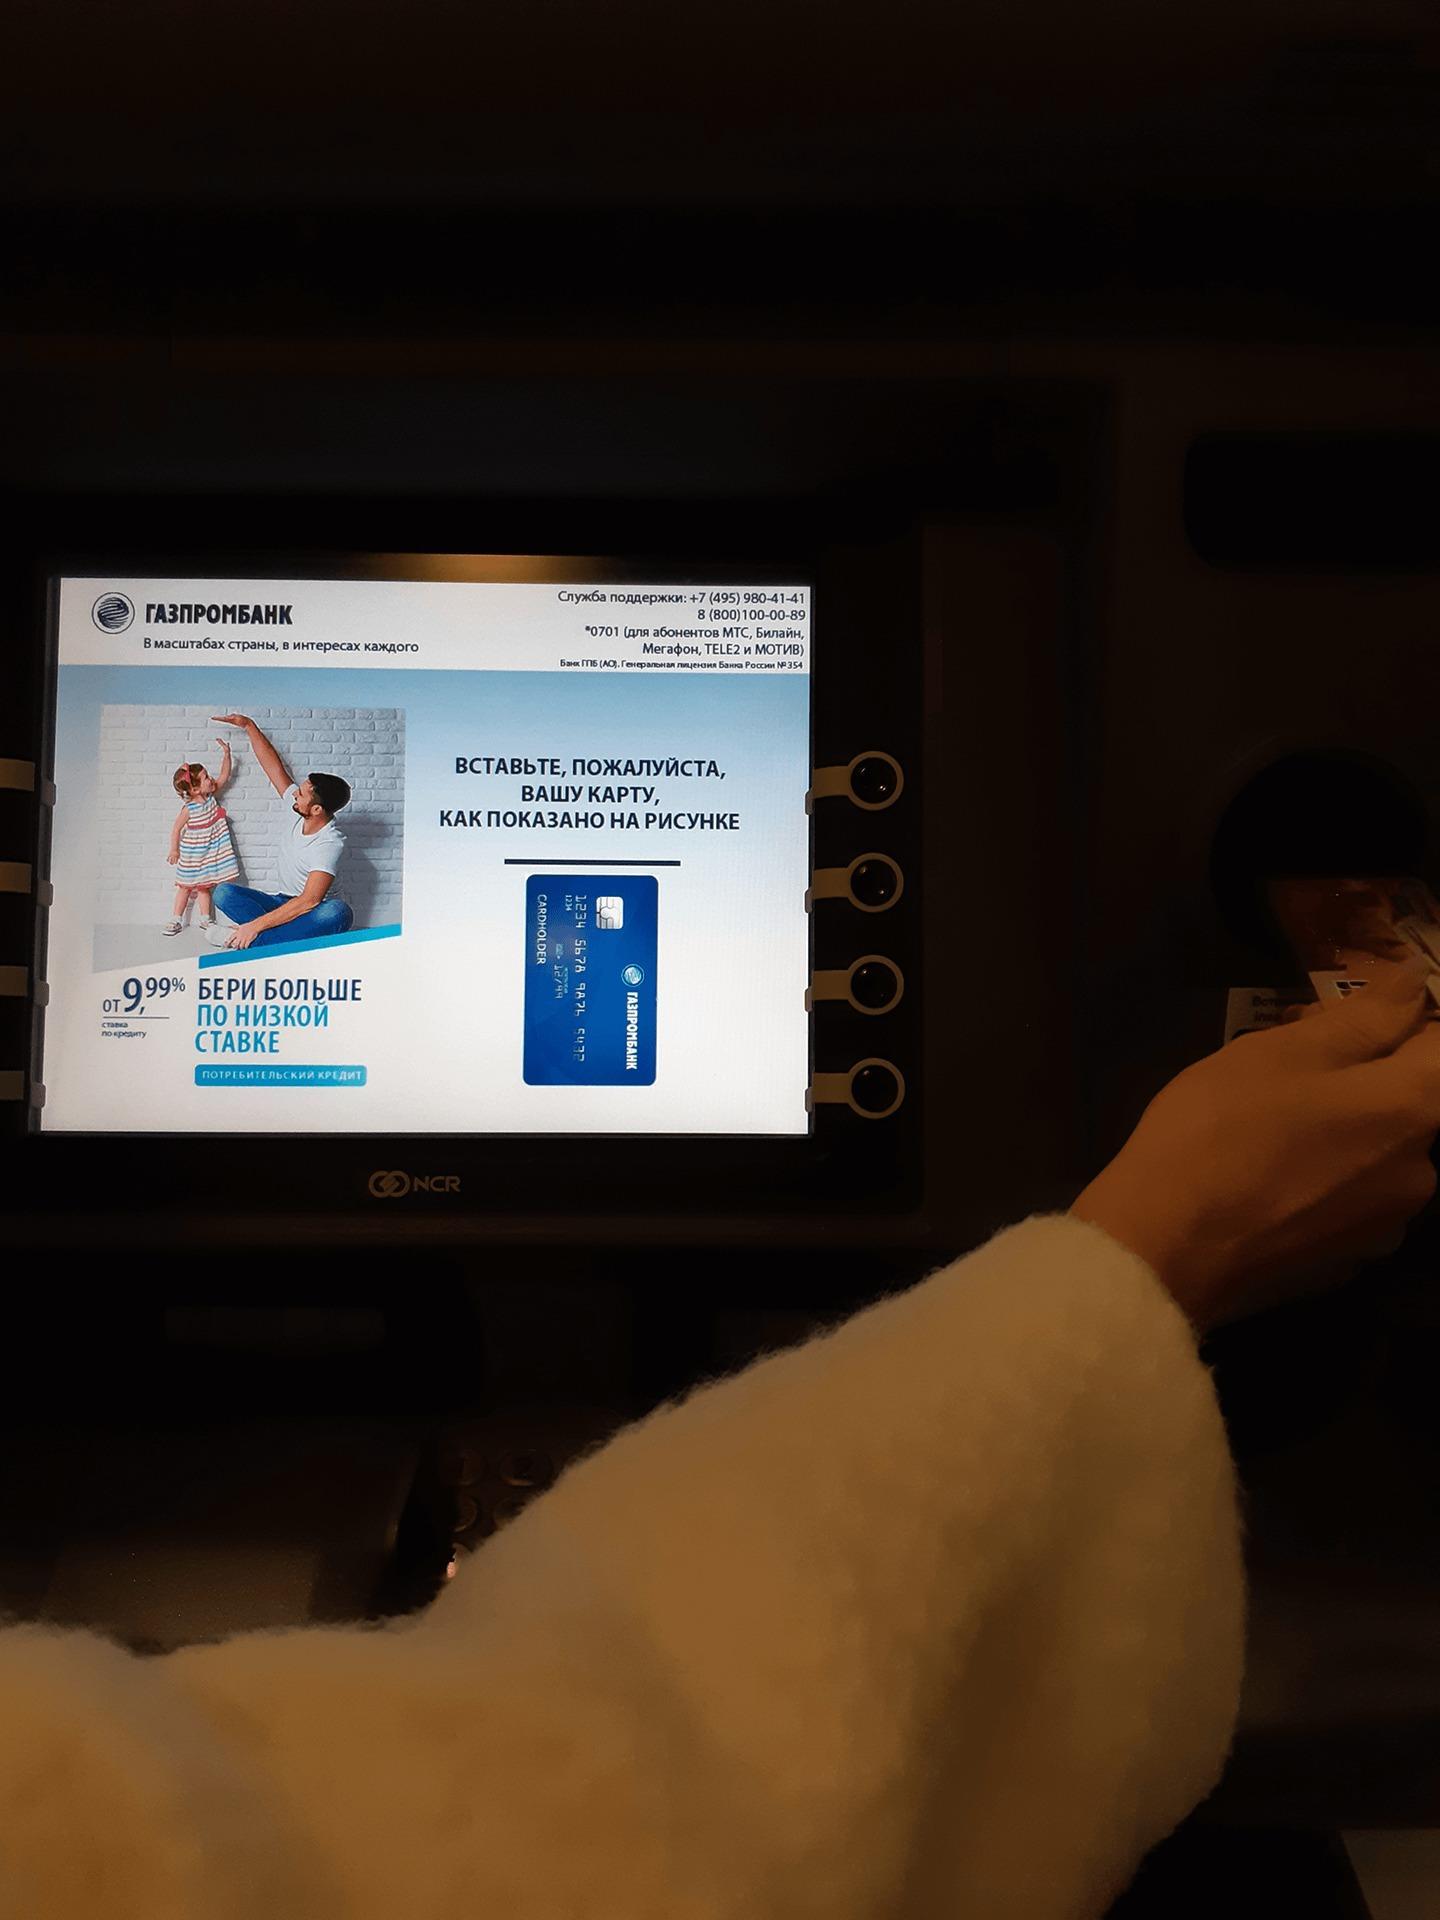 Перевод на карту ГПБ через банкомат шаг 1